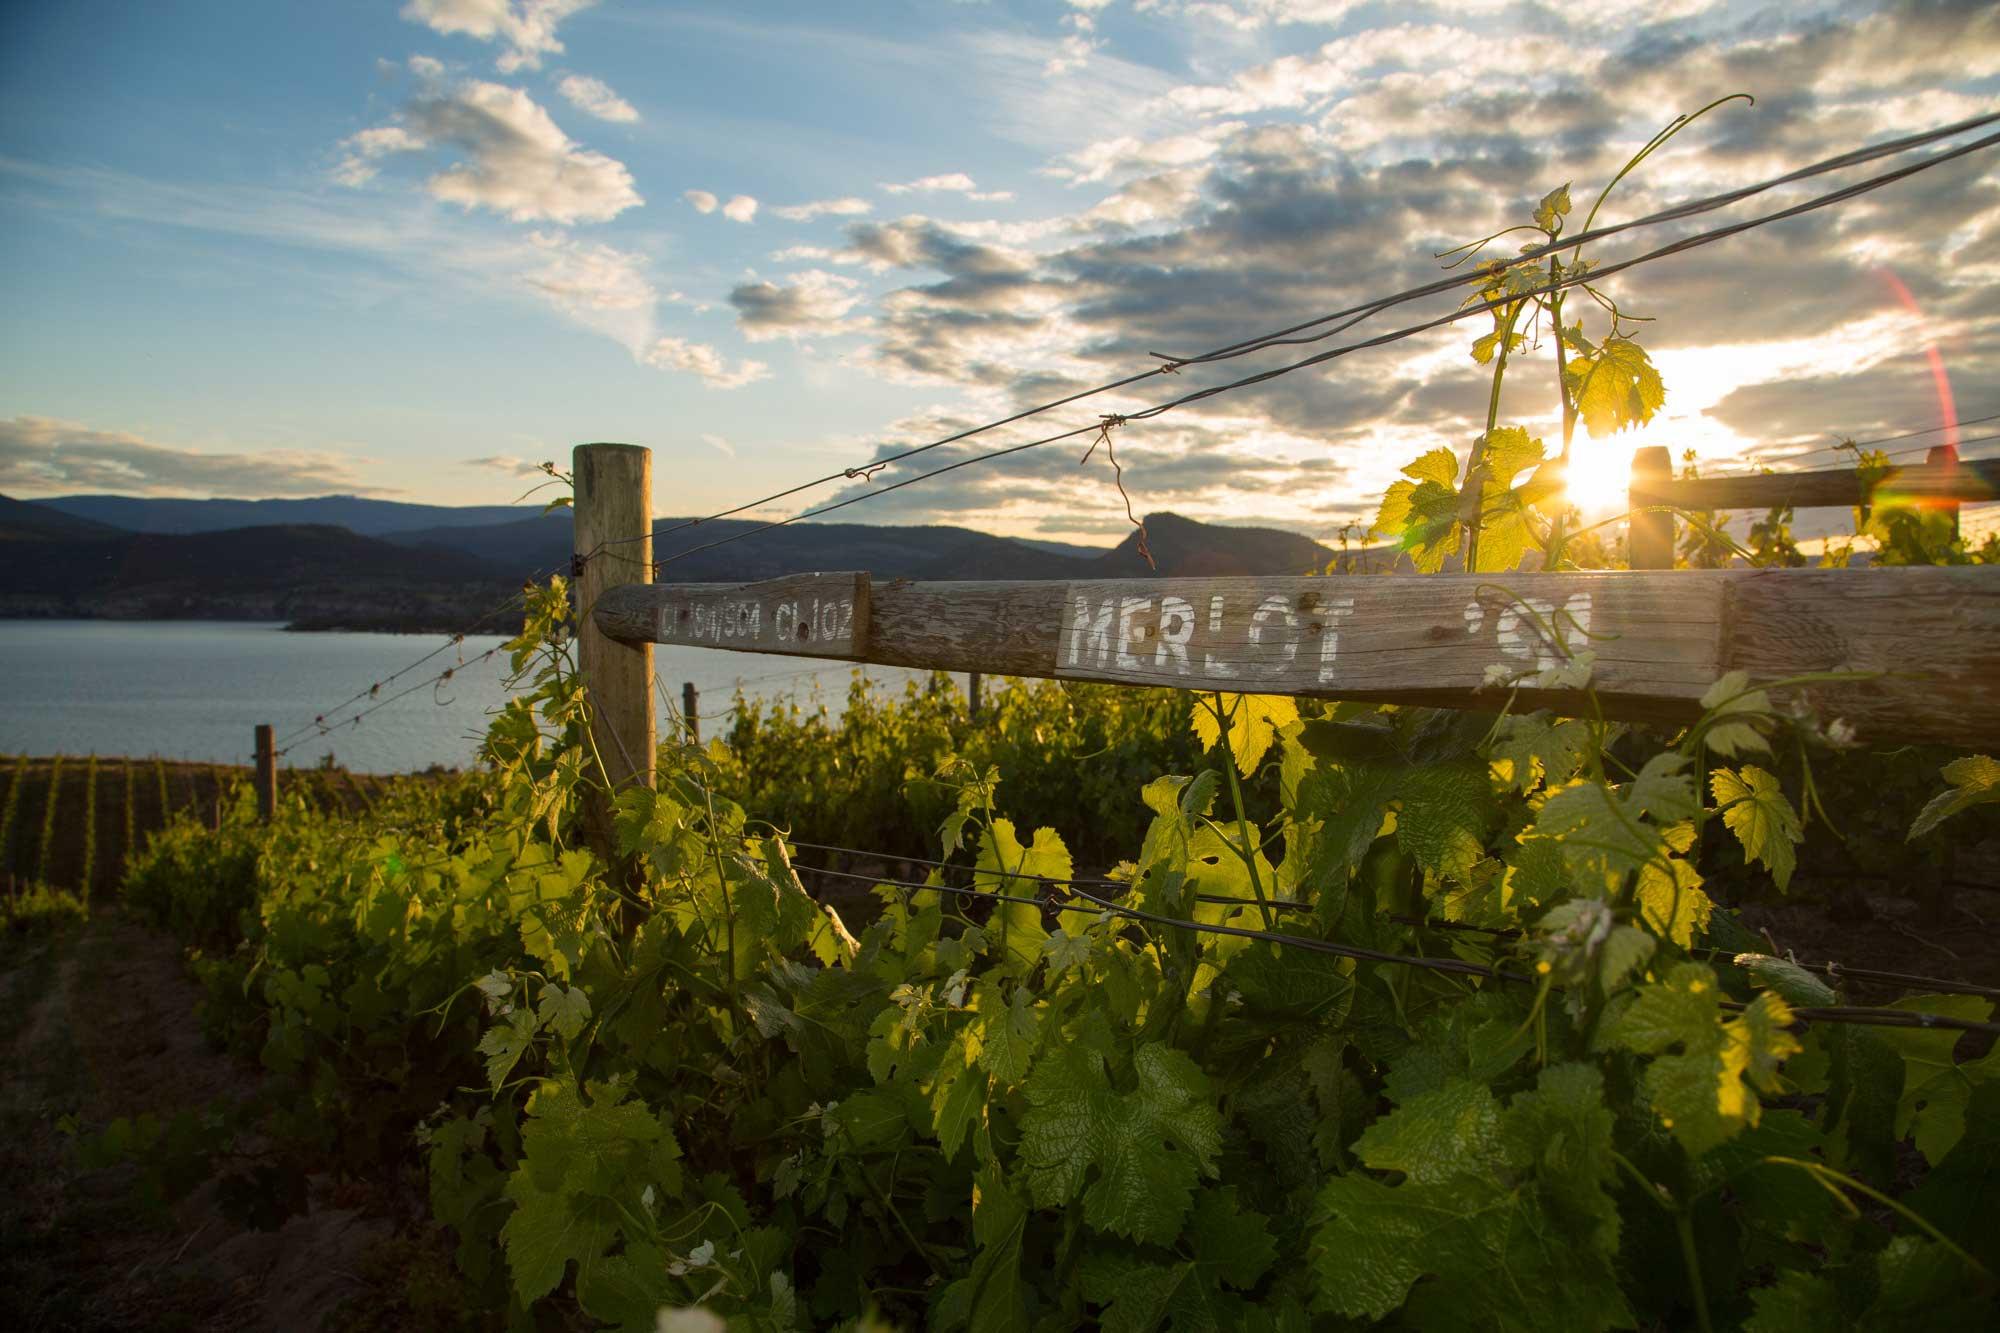 MacIntyre-Wine-Banner-1-6853.jpg